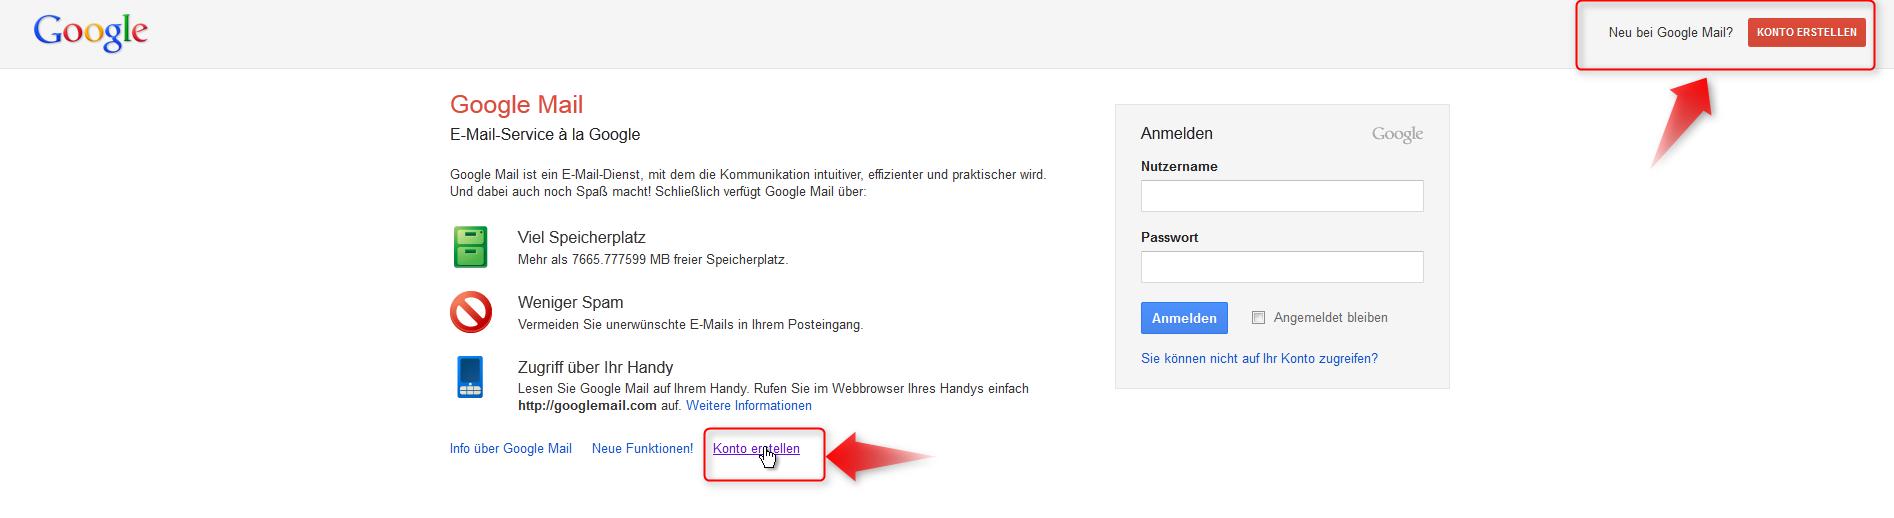 02-Ein-kostenloses-E-Mail-Konto-bei-Google-eroeffnen-mit-Video-mail-470.png?nocache=1325850898388